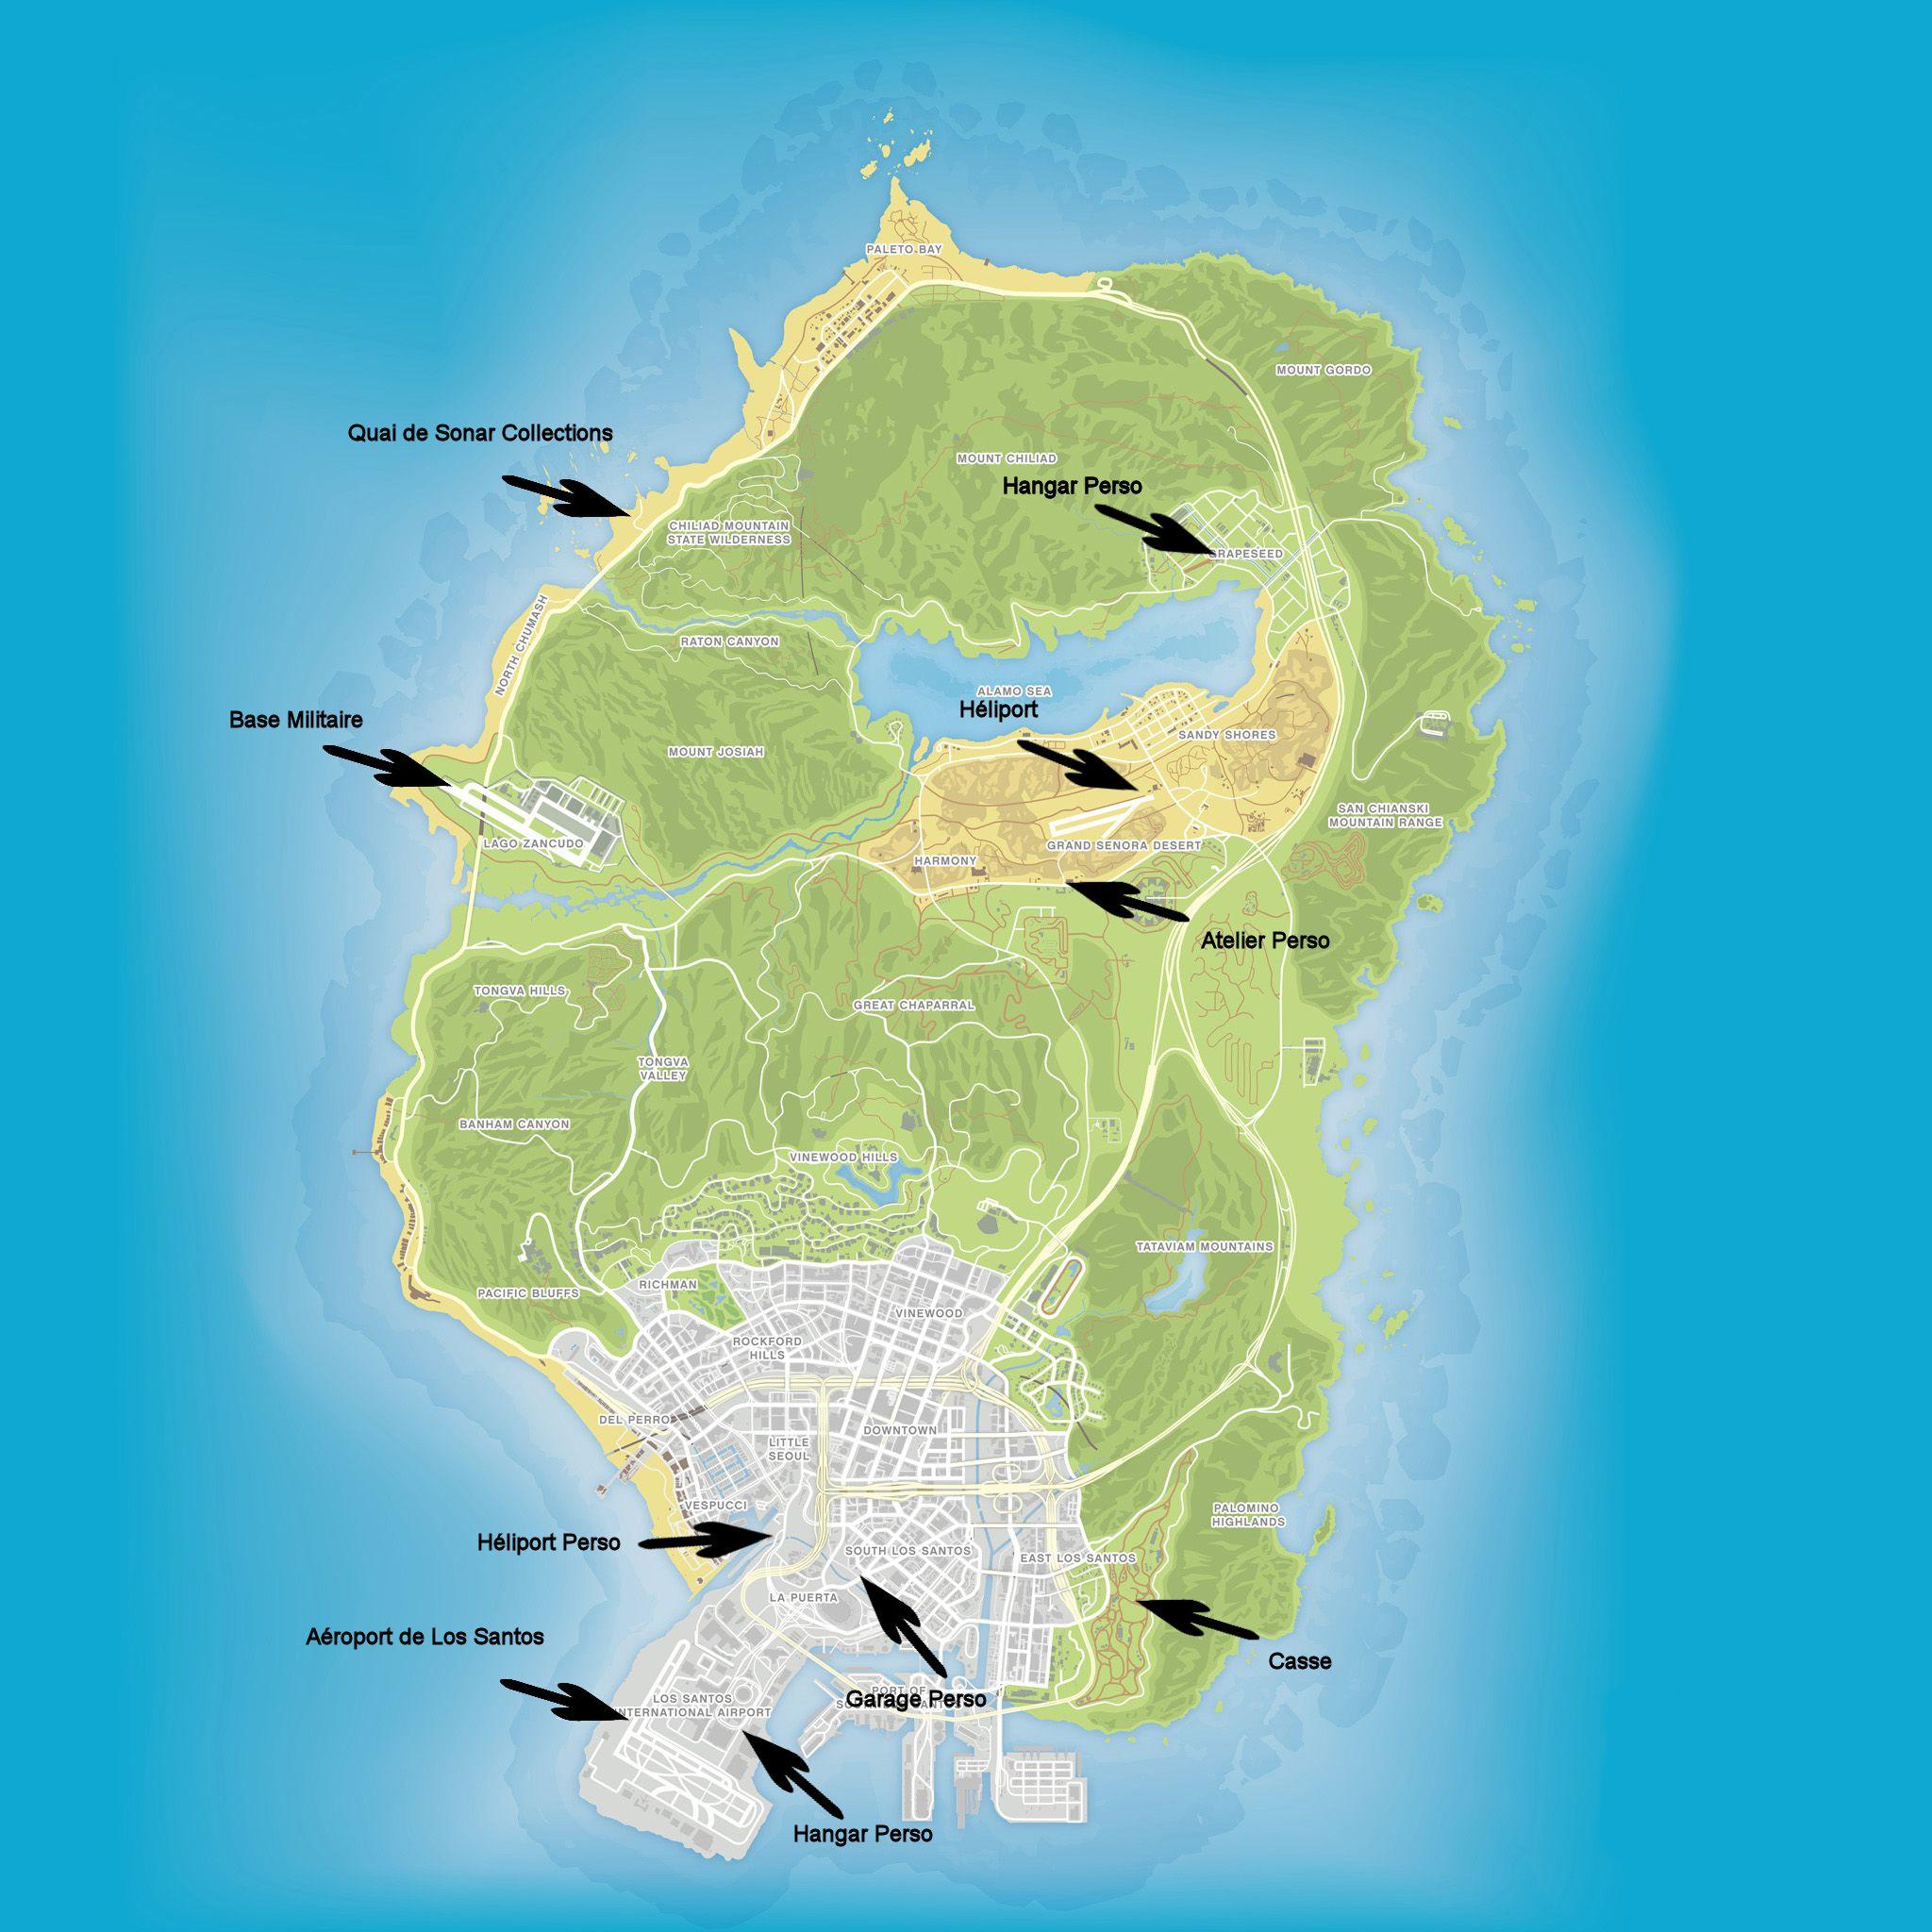 Secret Places Gta 5 Ps4: Carte De Gta 5 Avec Tout Les Secret